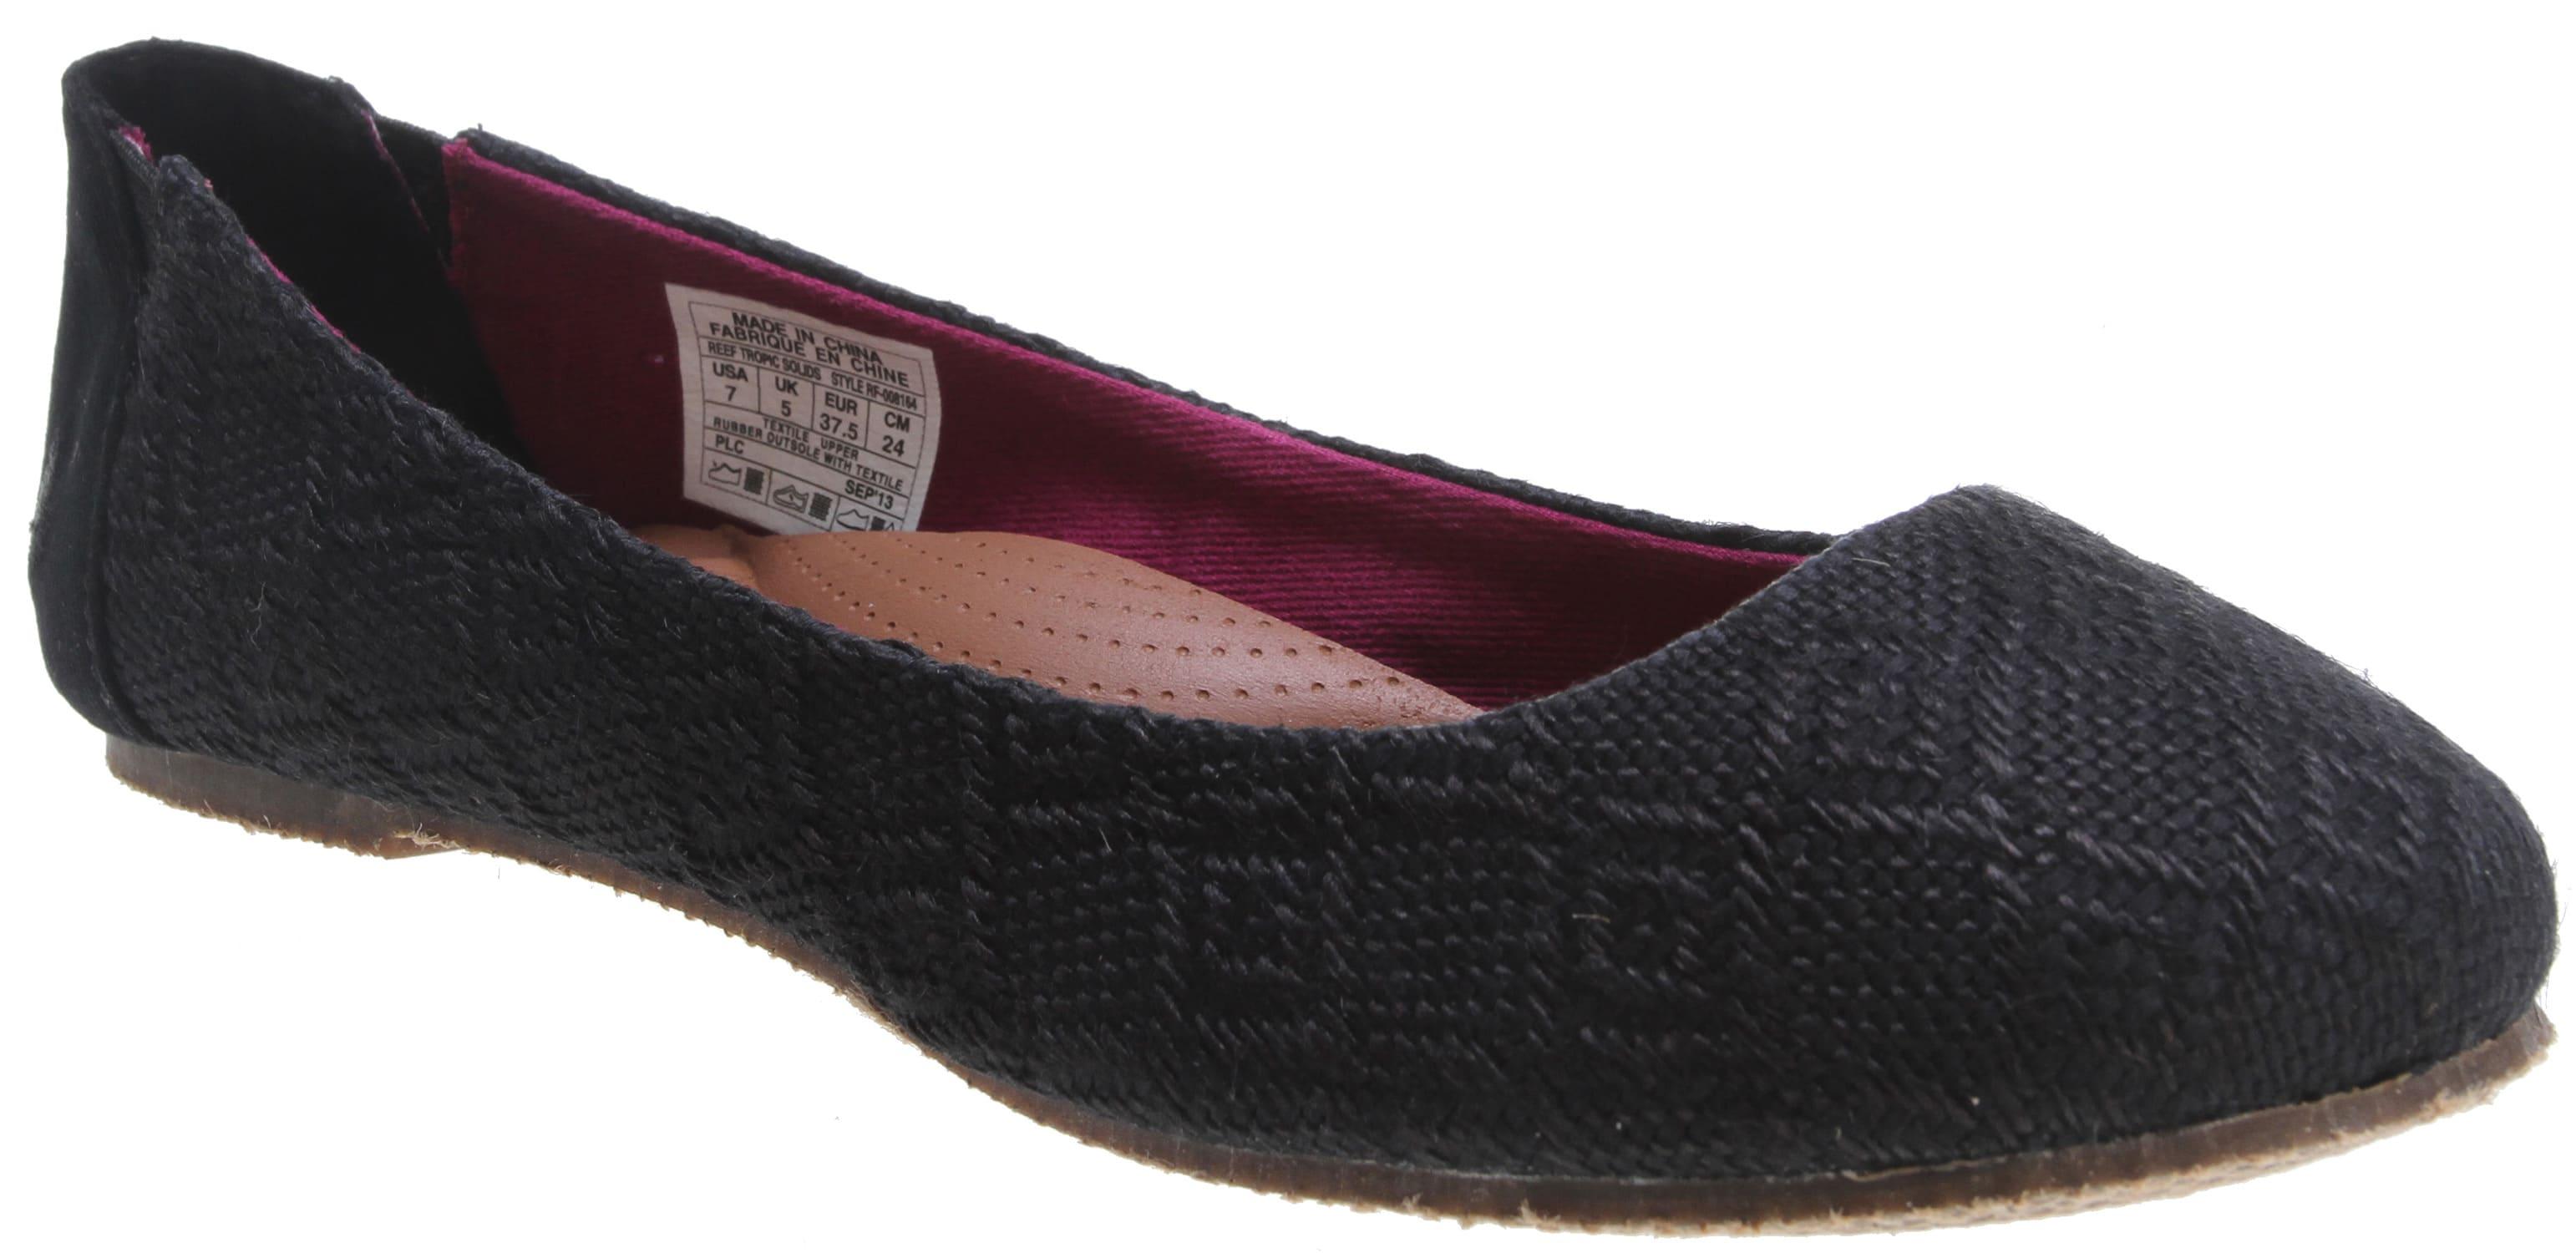 a3059d65d6f1de Reef Tropic Solids Shoes - thumbnail 2